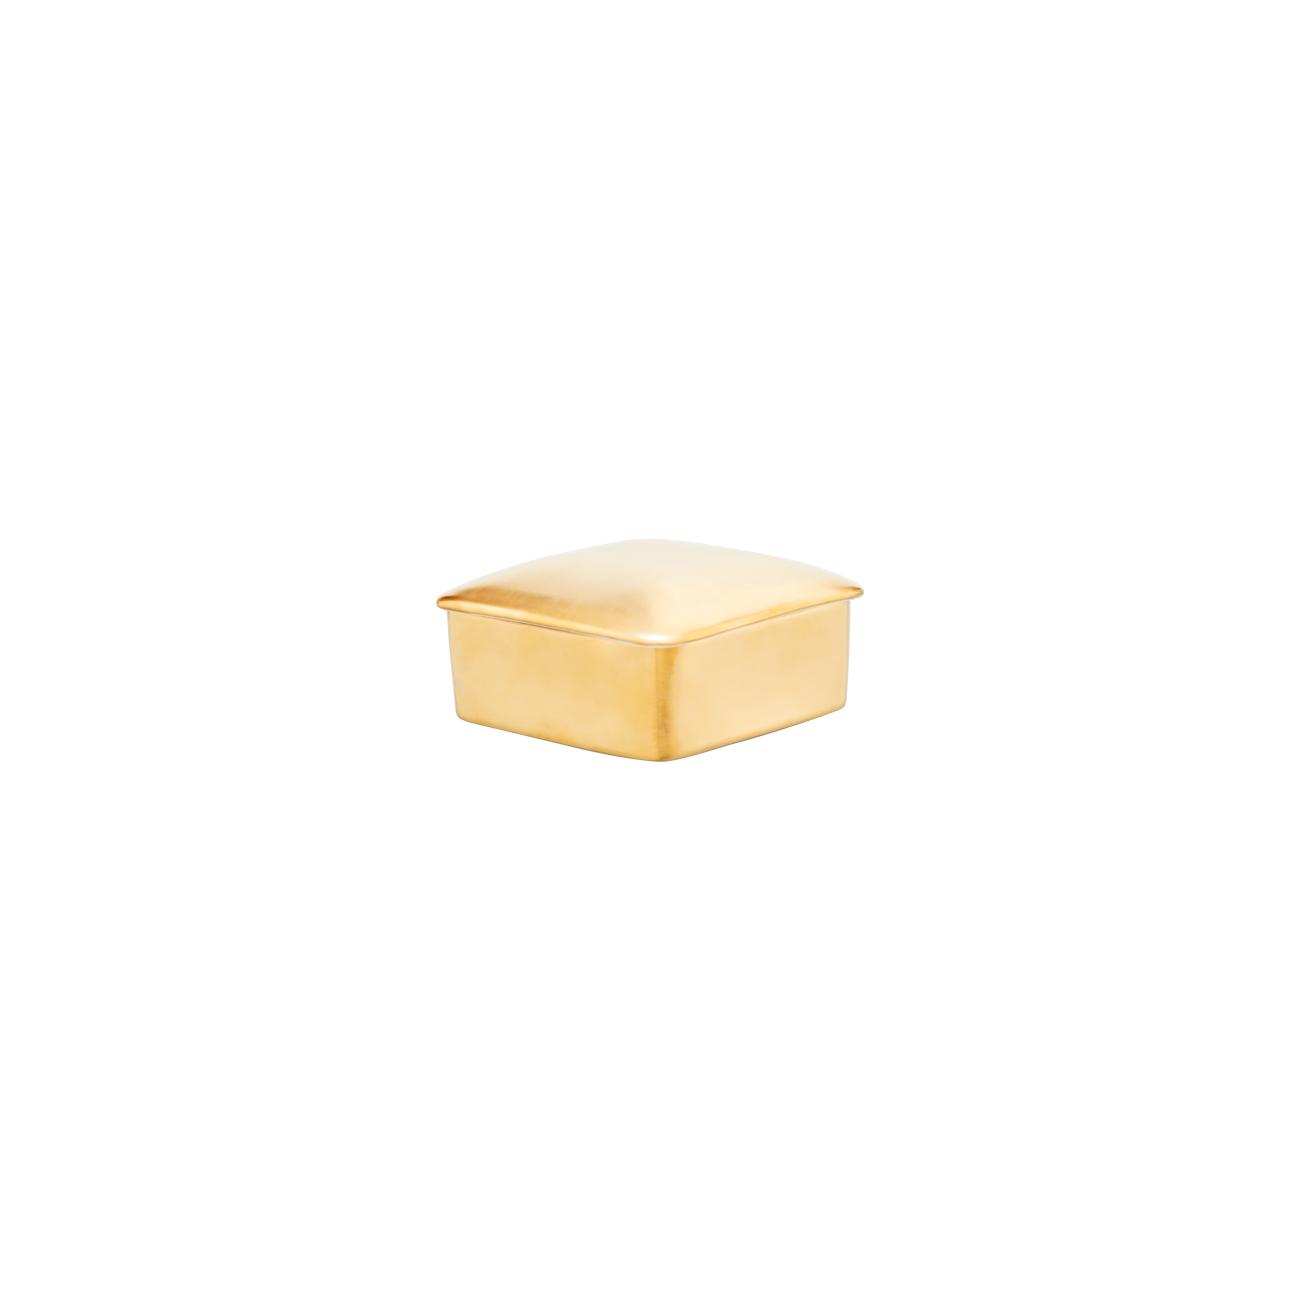 Caixa Quadrada 12cm Lusa 0